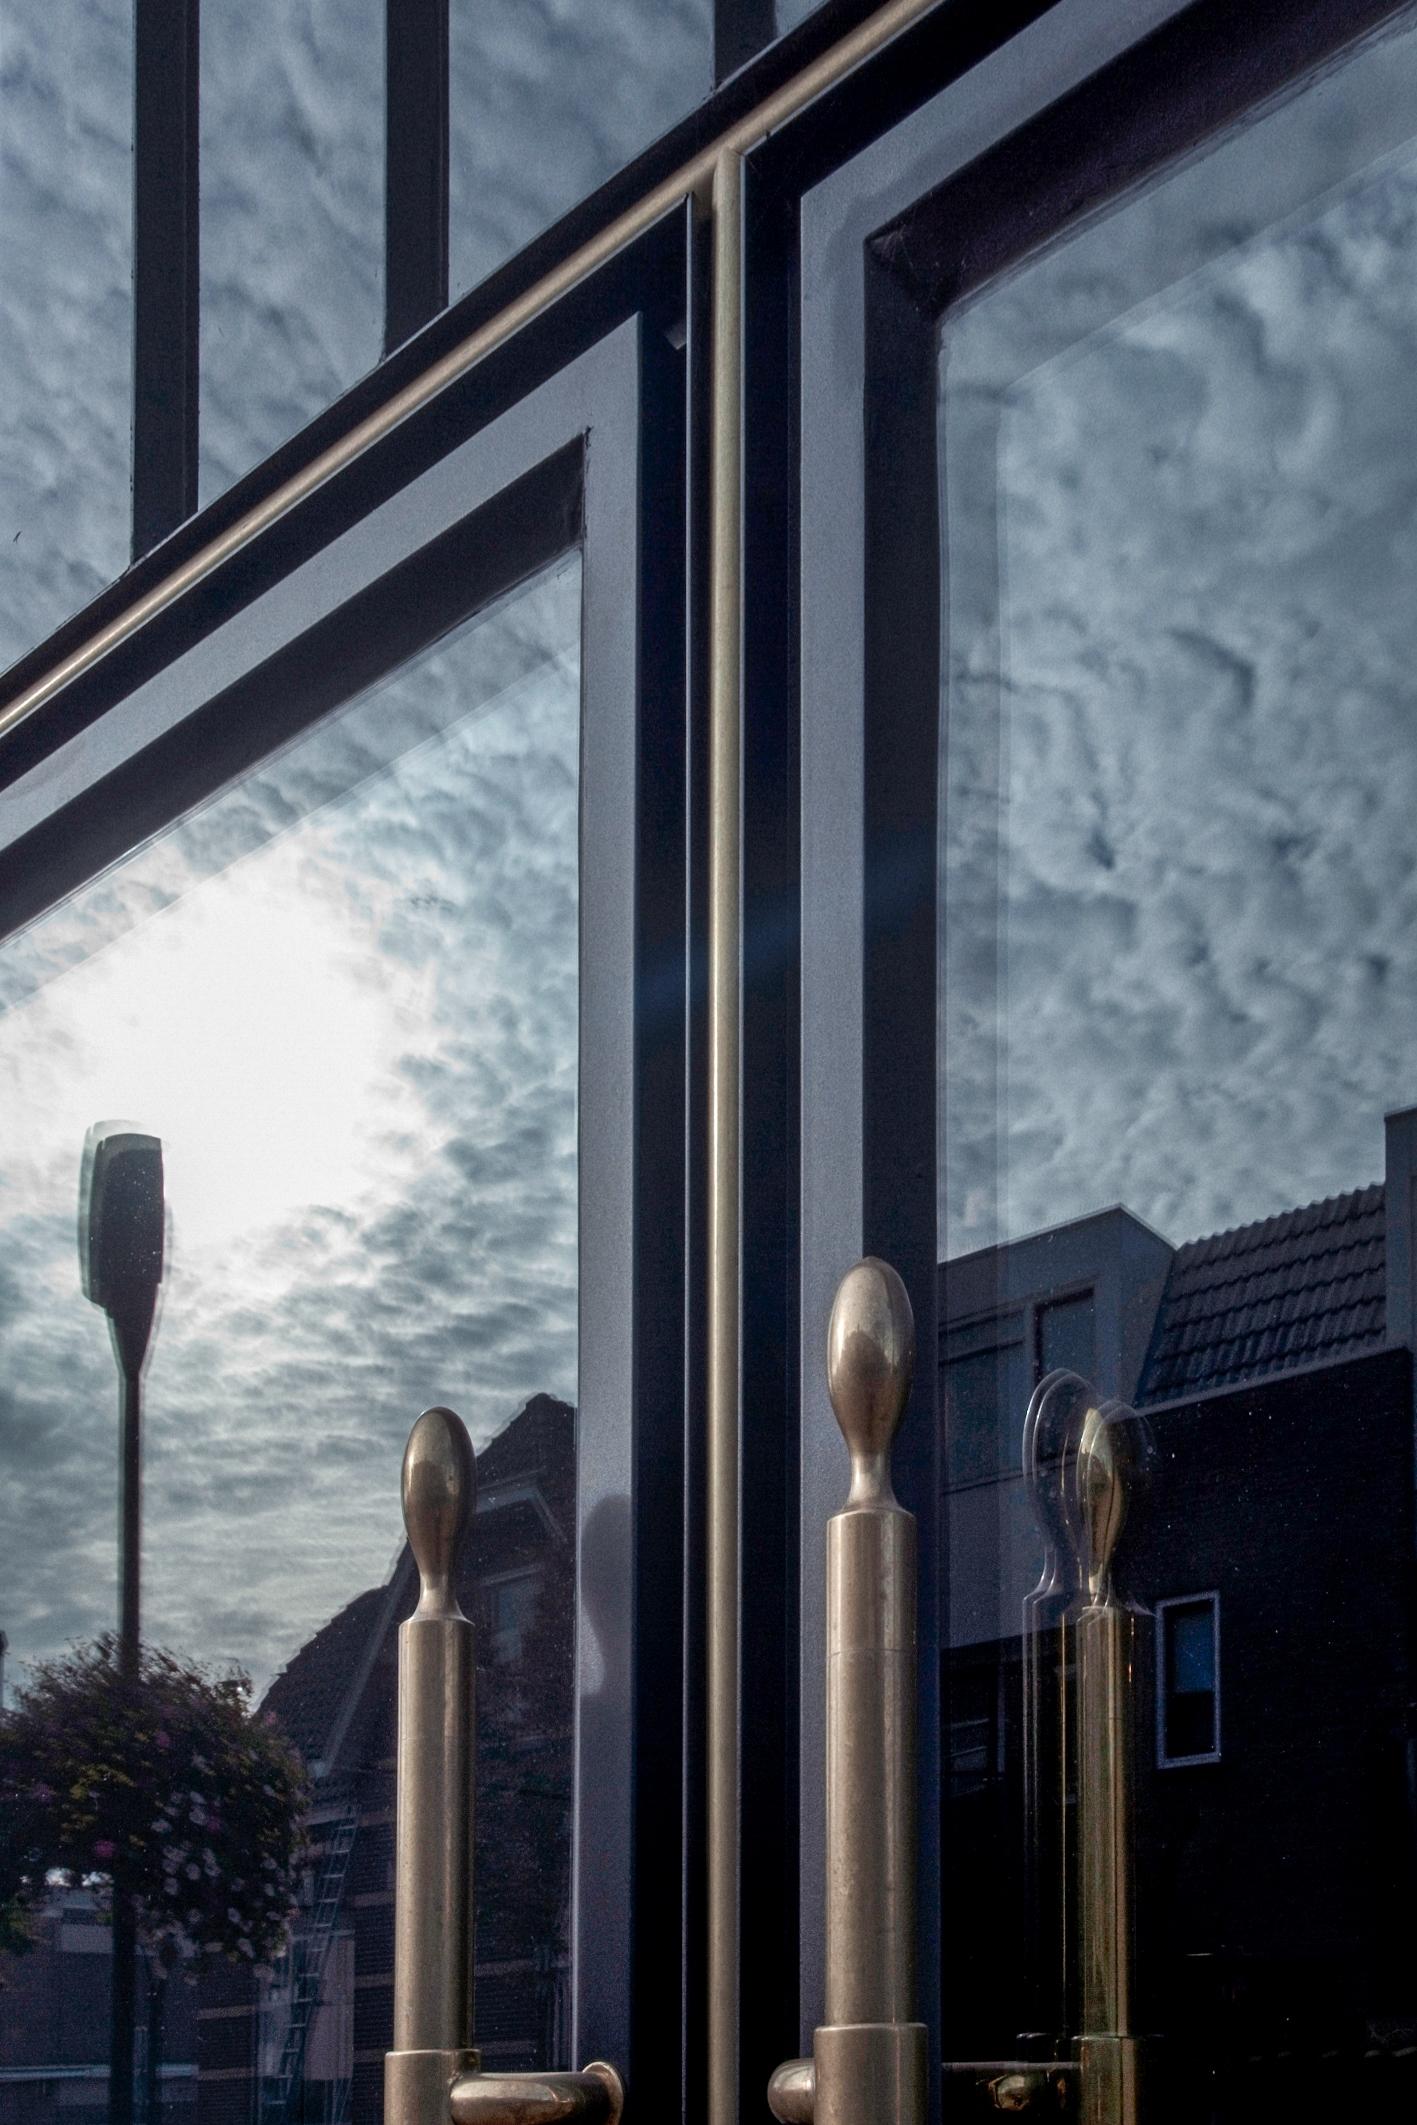 Van Dijk door detail waalwijk